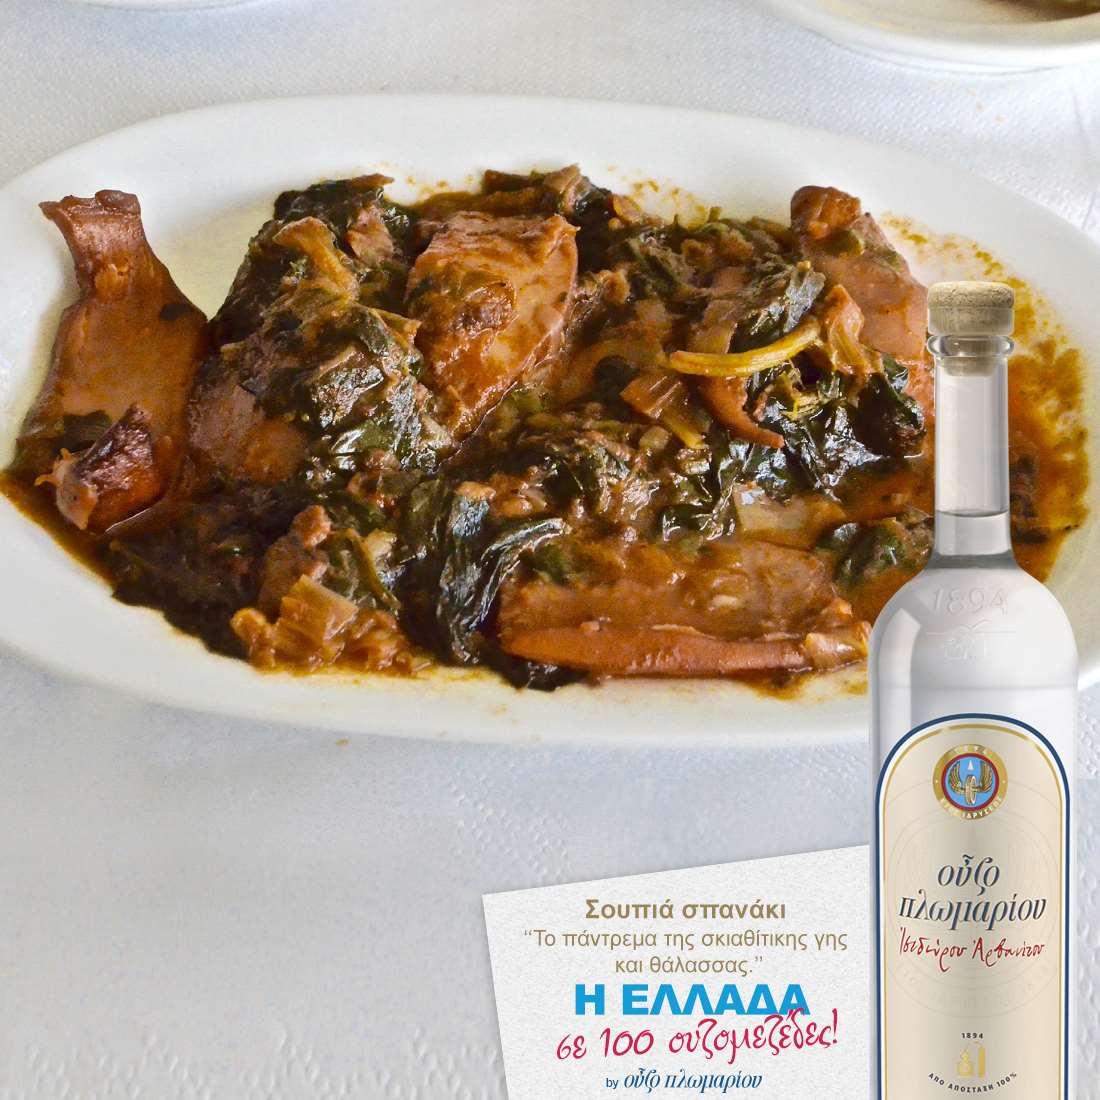 Σουπιές σπανάκι - Σκιάθος - Ουζομεζέδες - Greek Gastronomy Guide